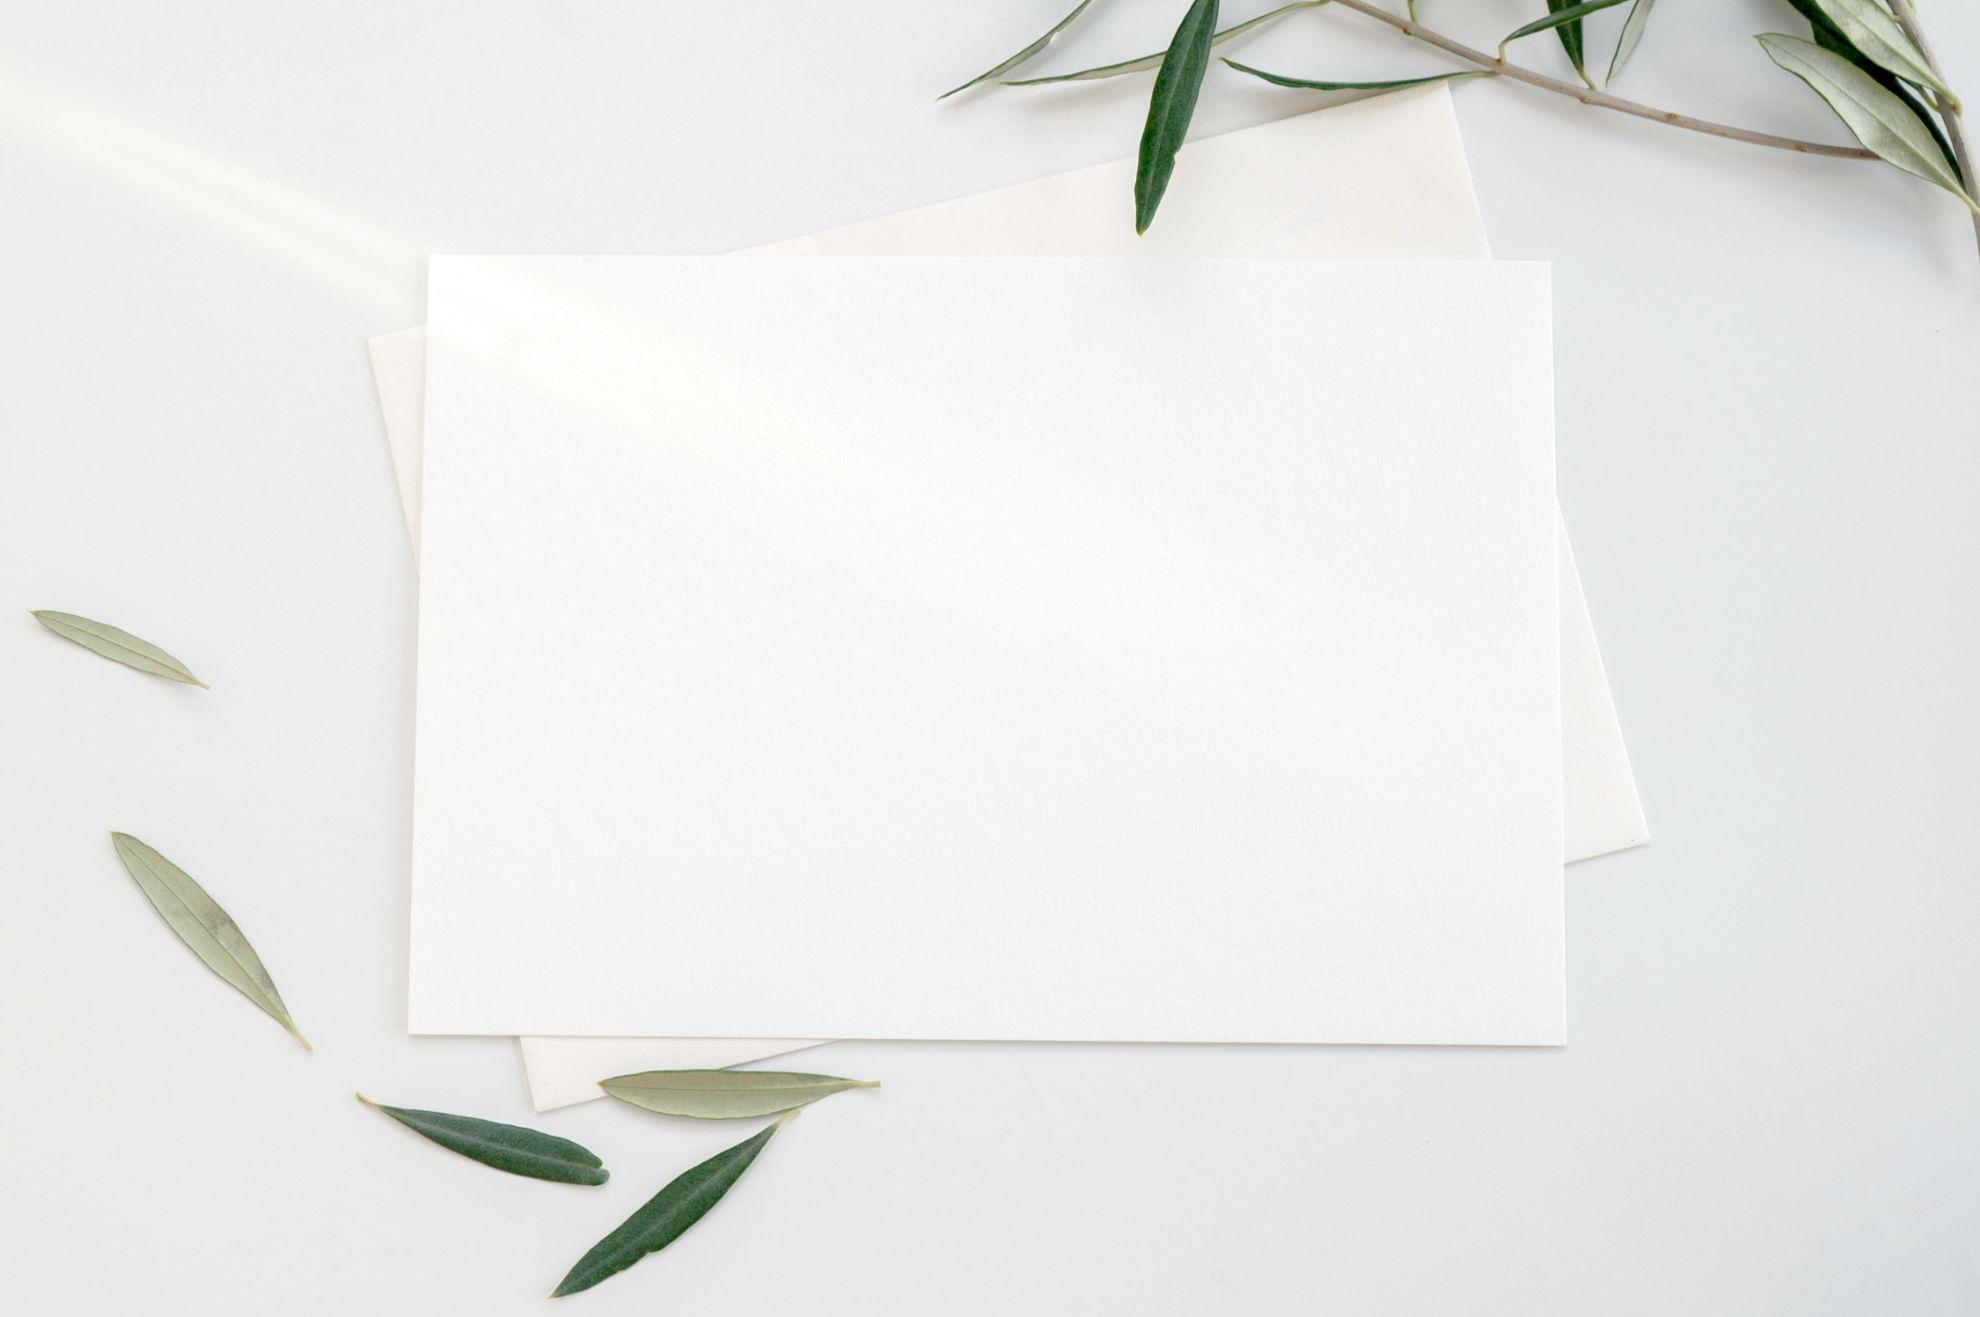 Папір та паперові вироби